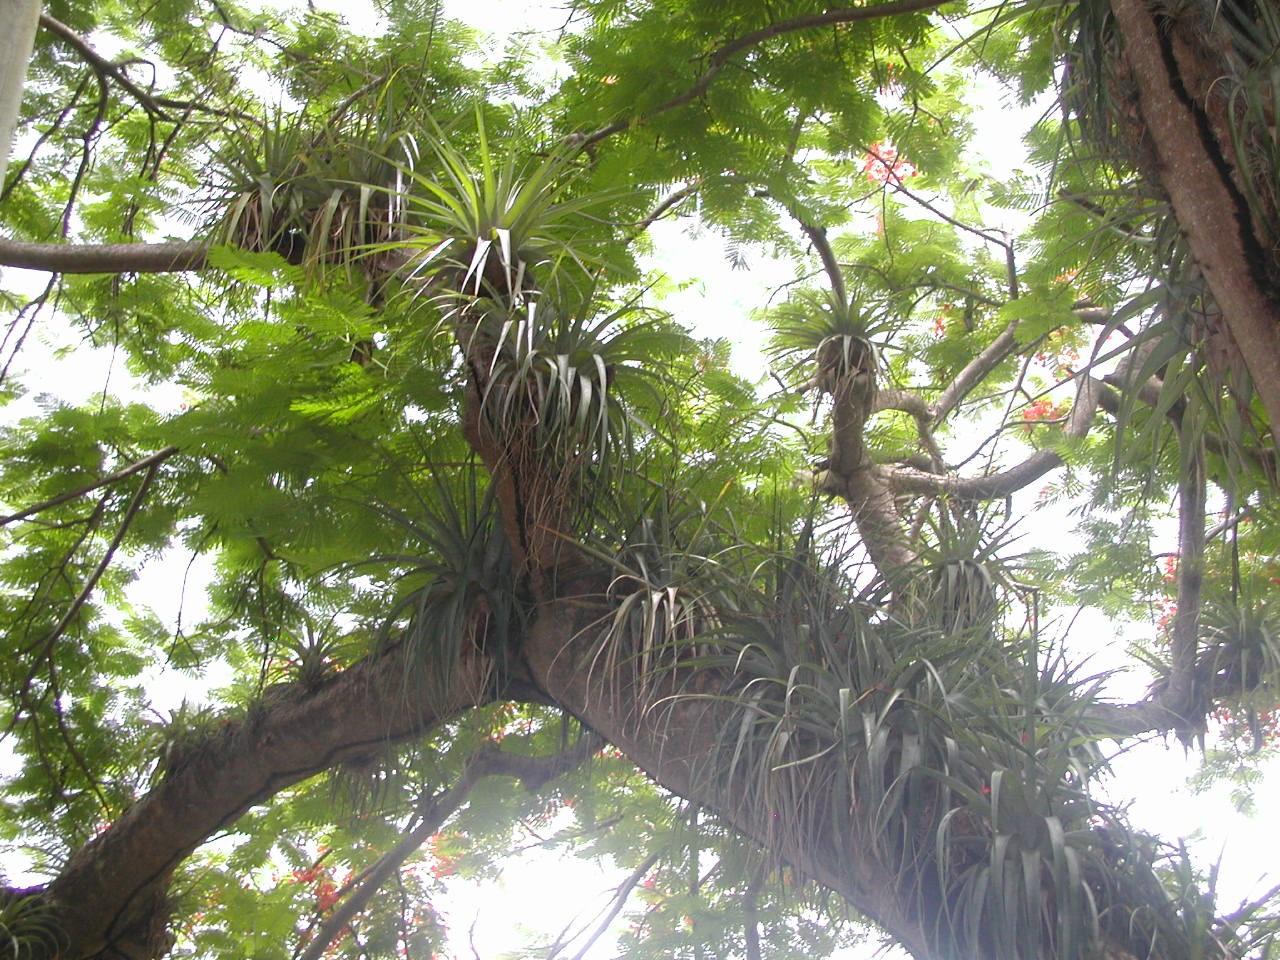 Forêt humide de Guadeloupe : Notez la quantité de Broméliacées se trouvant sur la même branche de flamboyant ! L'arbre est en pleine santé, on observe même sa floraison rouge à travers la canopée.